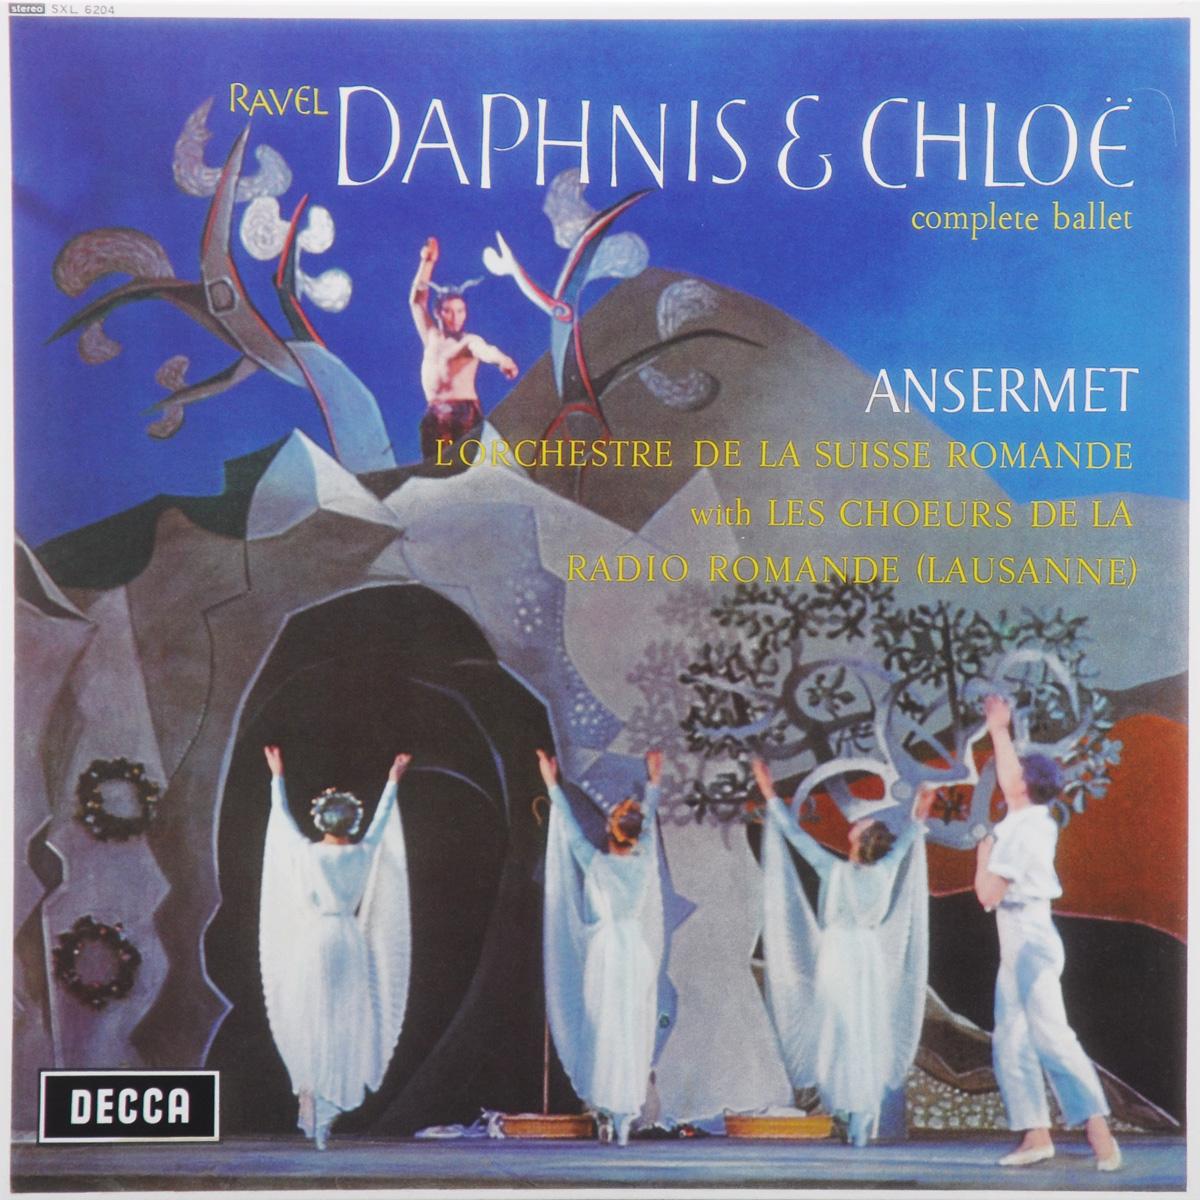 лучшая цена Эрнест Энсермет,Choeur Et L'Orchestre de la Suisse Romande,Les Choeurs De La Radio Romande (Lausanne),Андре Шарле Ernest Ansermet. Ravel. Daphnis & Chloe (LP)